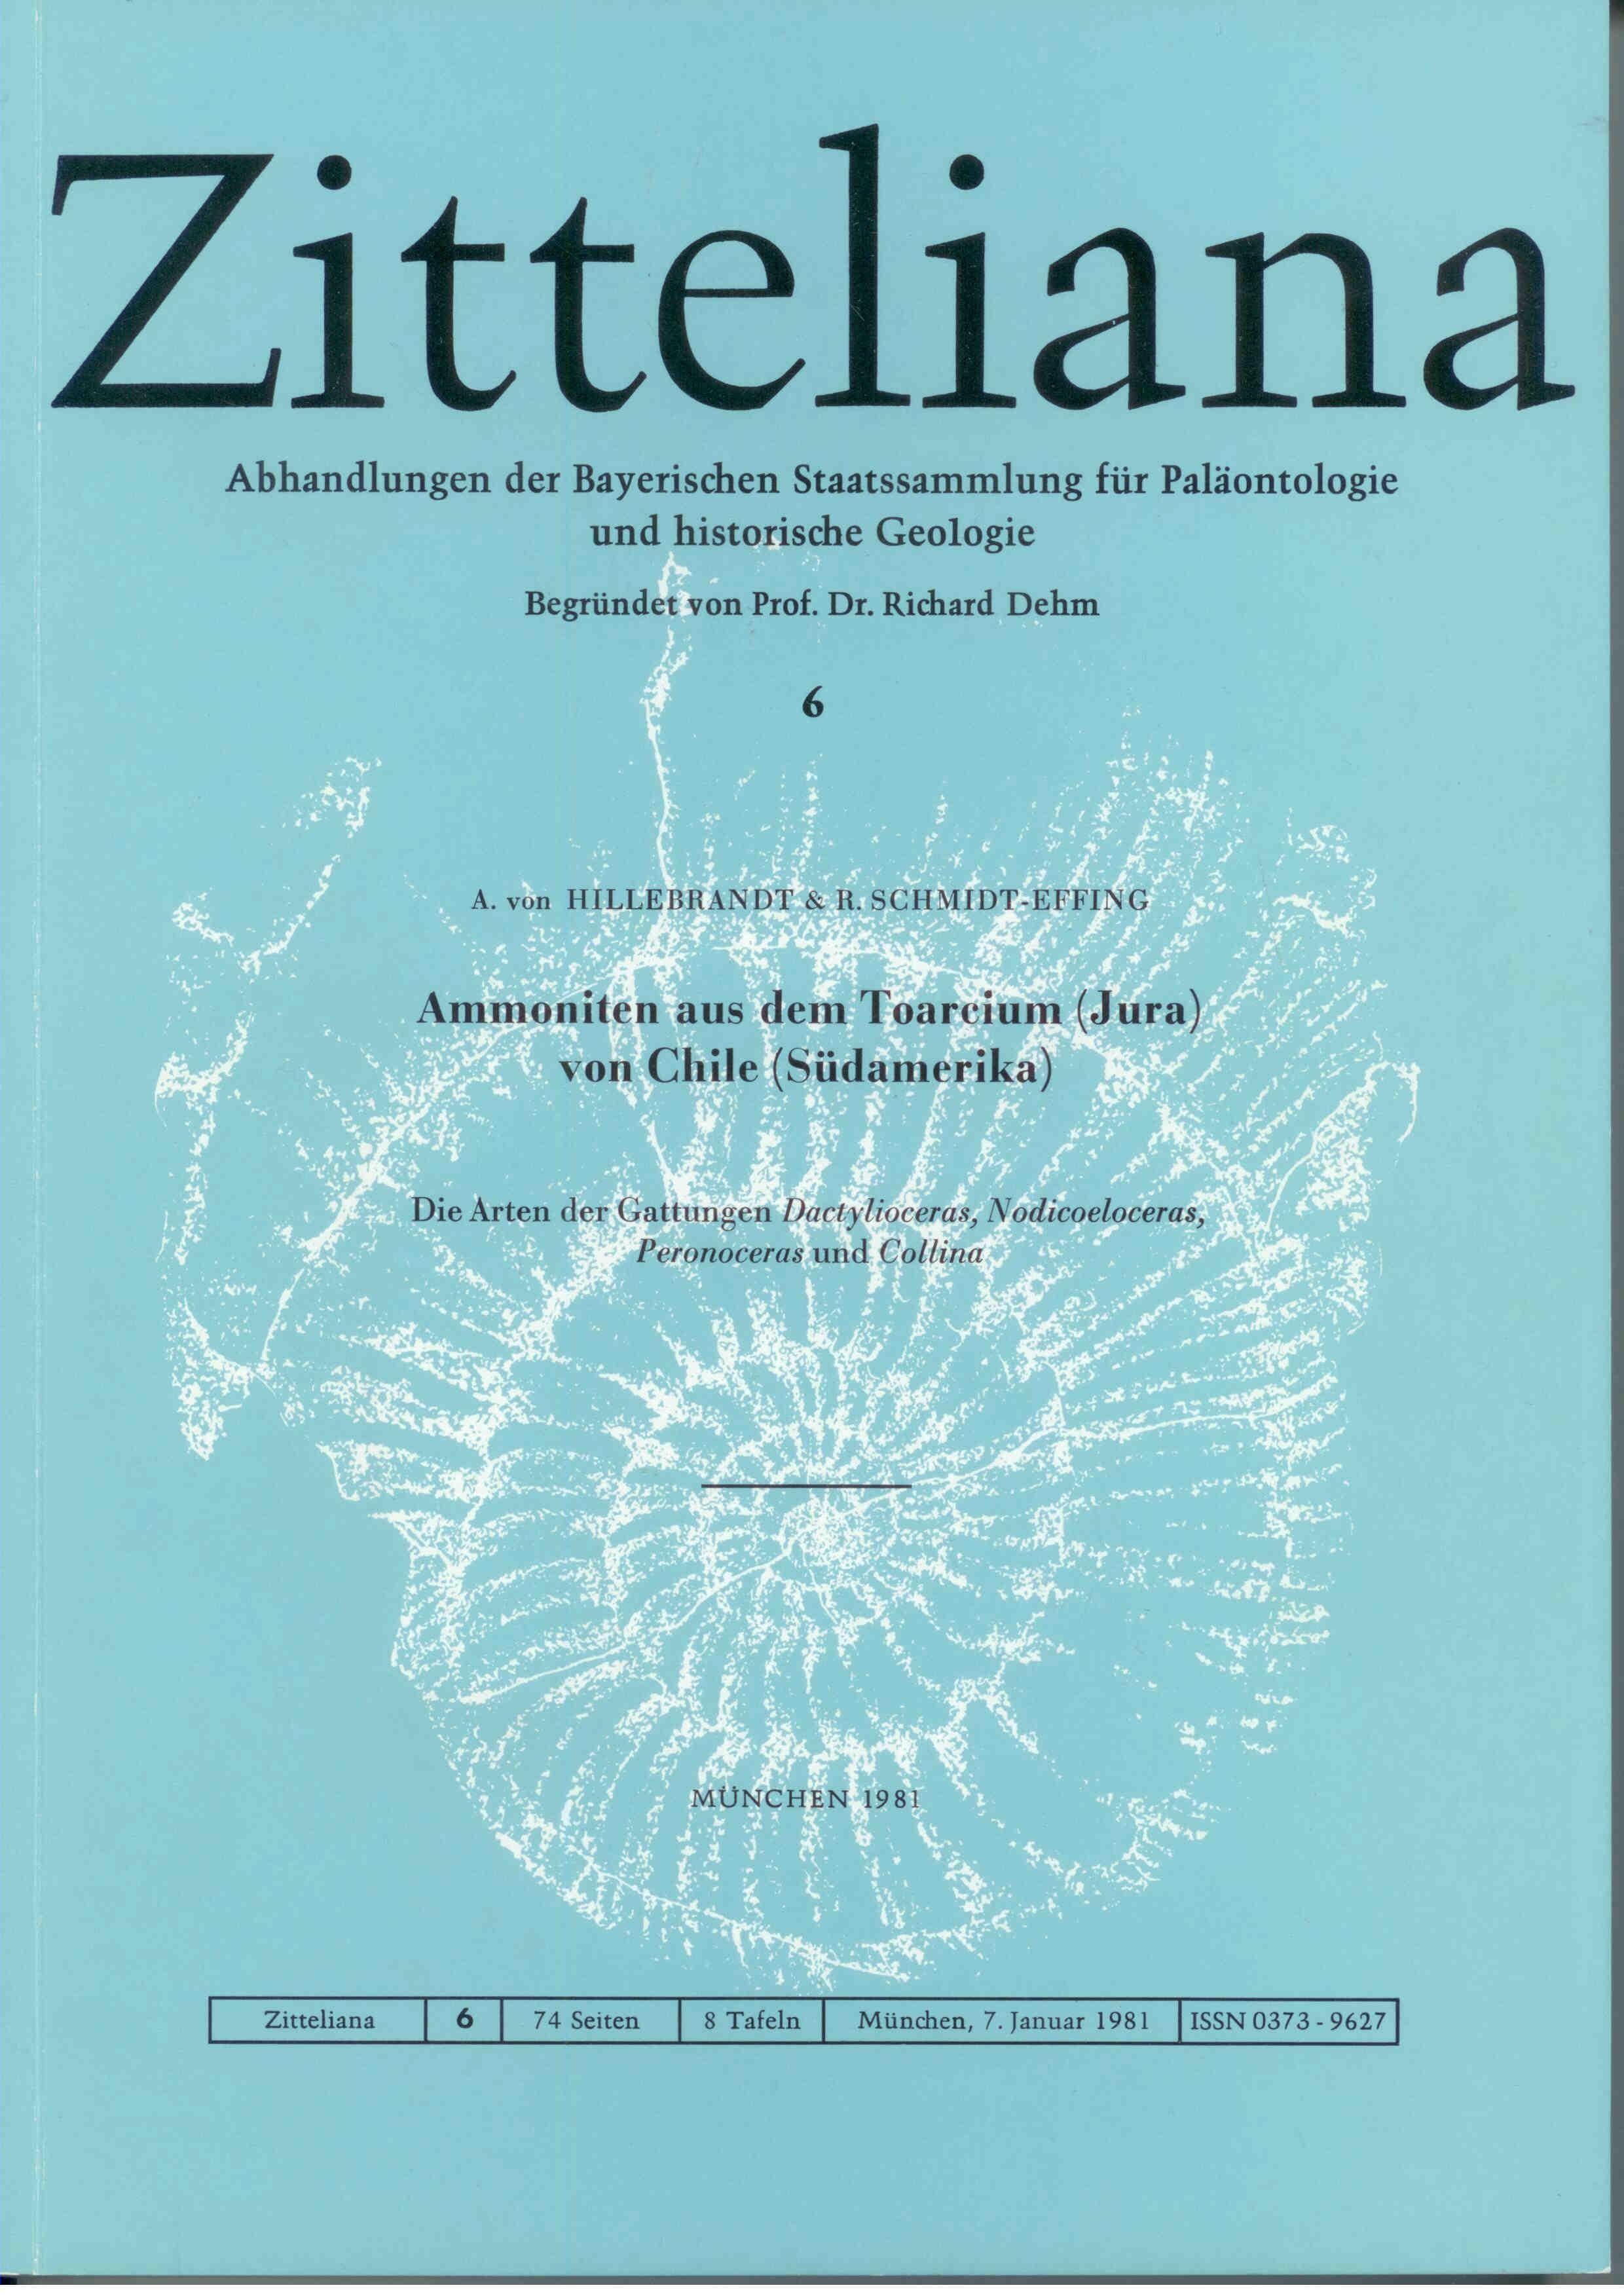 Hildebrandt A. von., Schmidt-Effing R. :Ammoniten aus dem Toarcium (Jura) von Chile (Südamerika).  ZITTELIANA 6